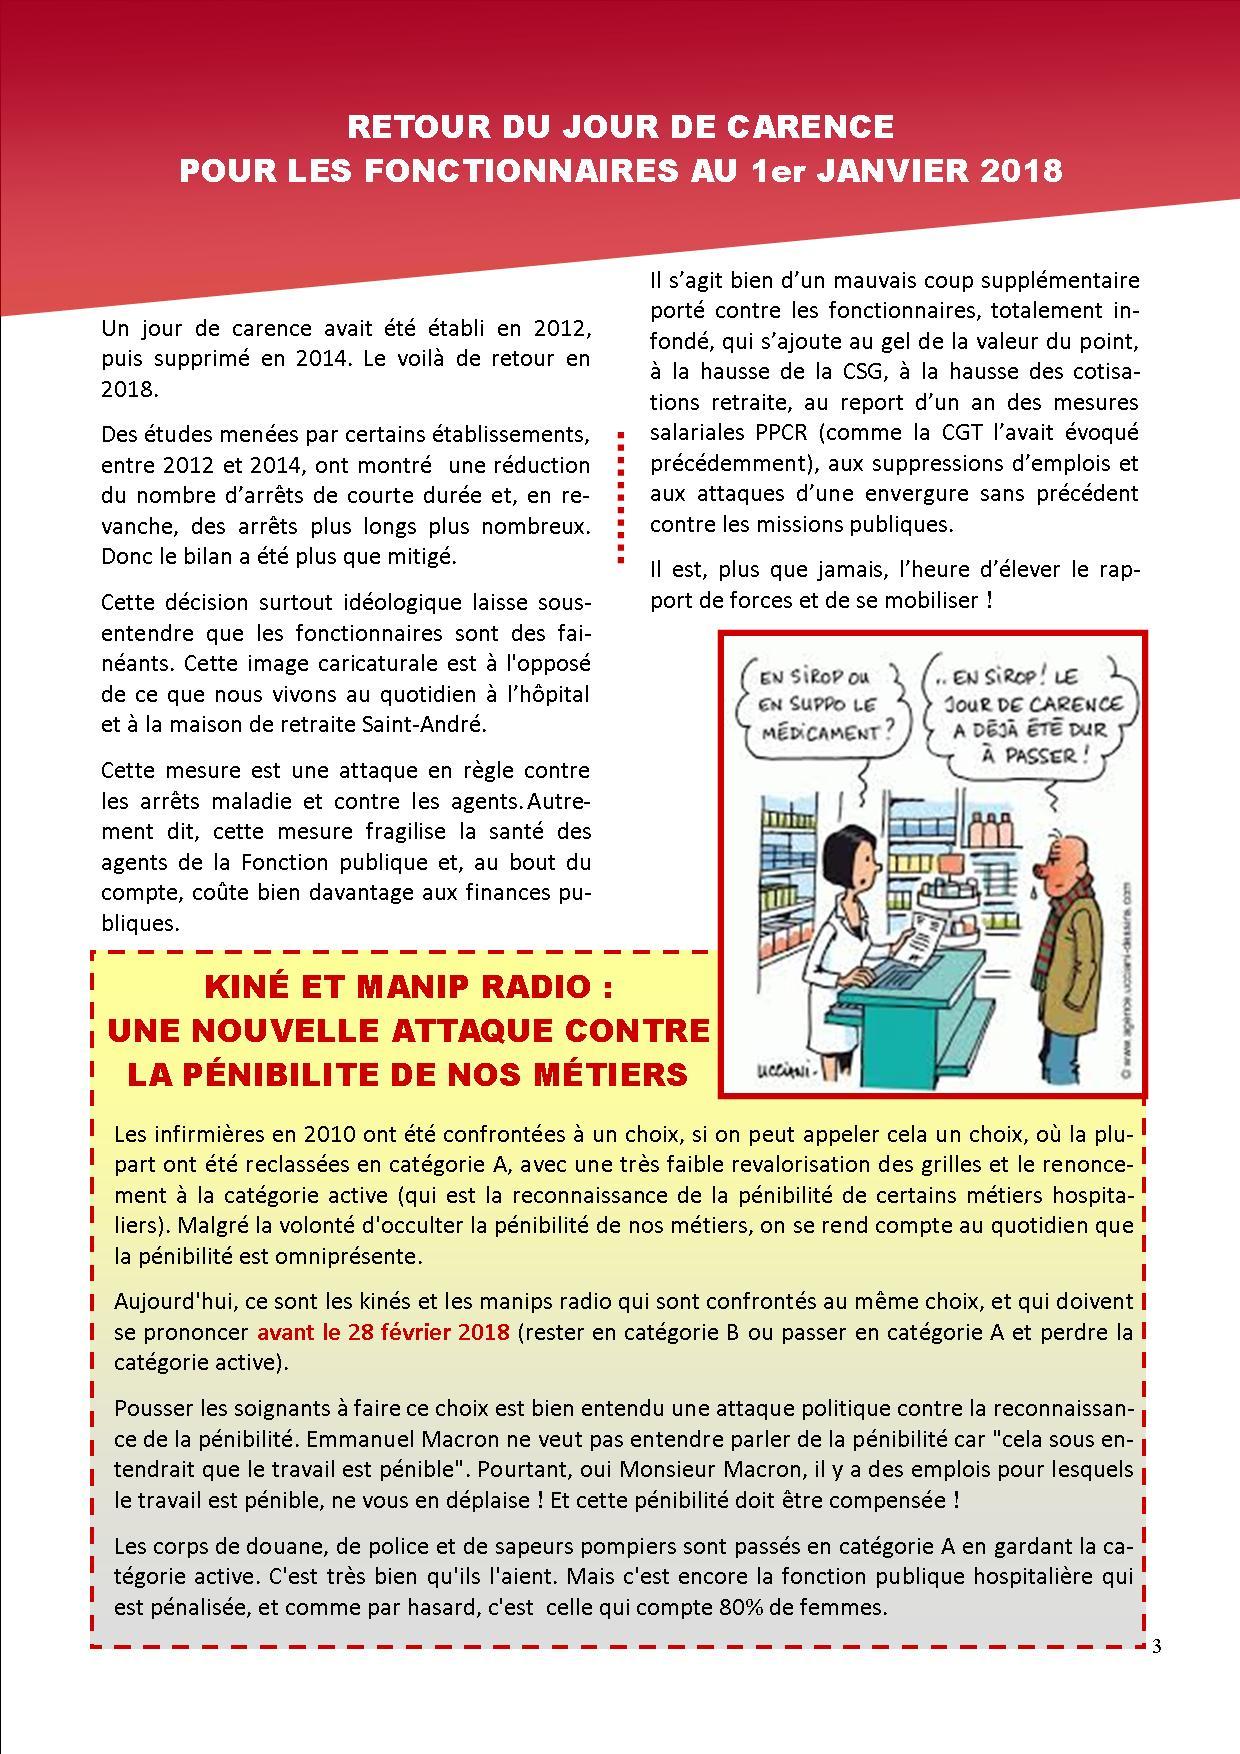 La Cgt Du Centre Hospitalier De Manosque Pour Vous Defendre Et